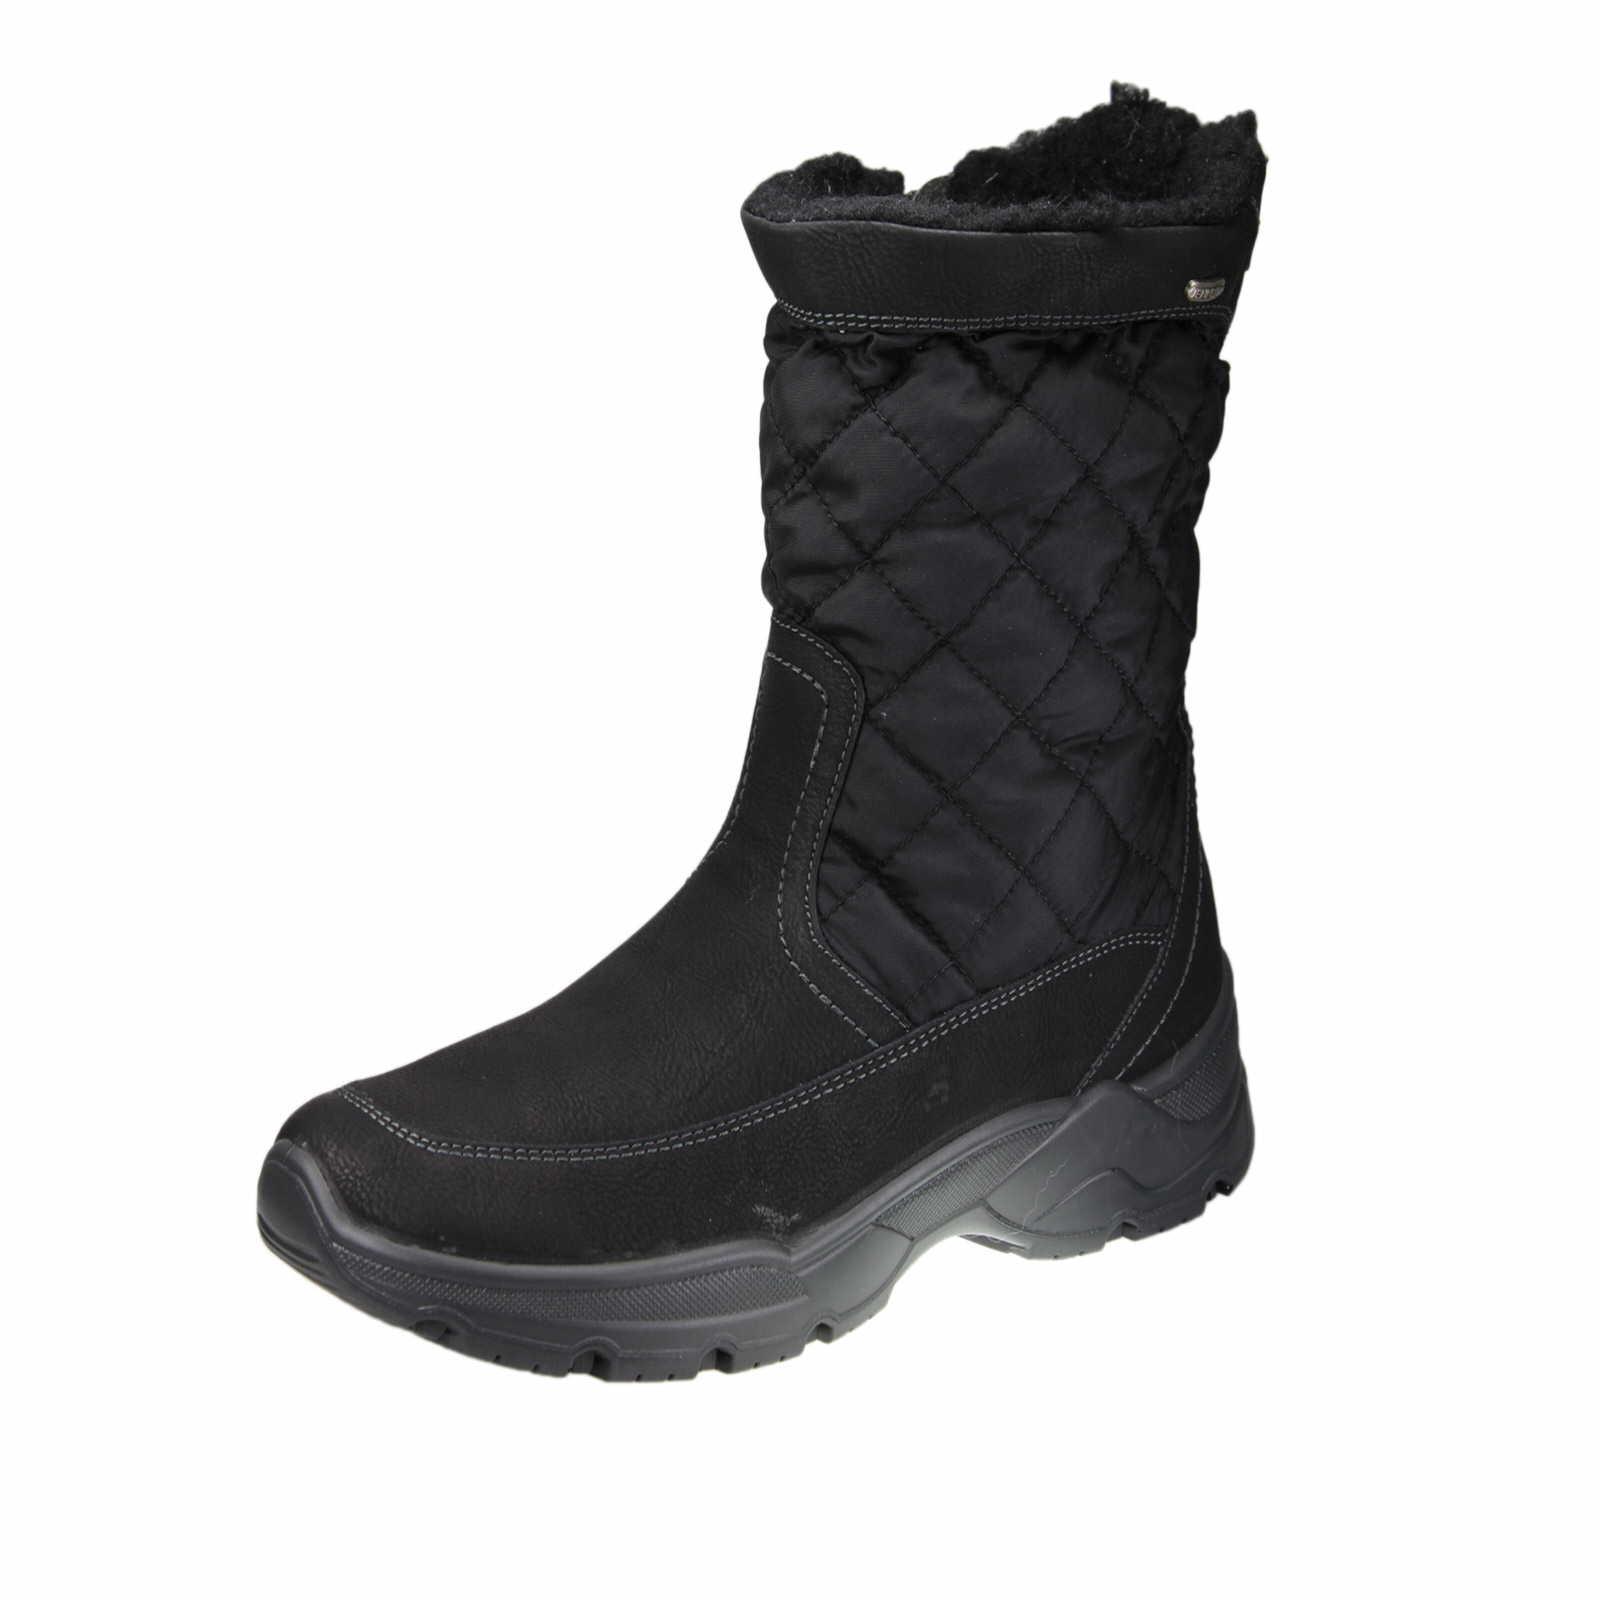 newest 69f38 b6b5f Jenny by Ara Stiefel für Damen in schwarz | Schuhparadies